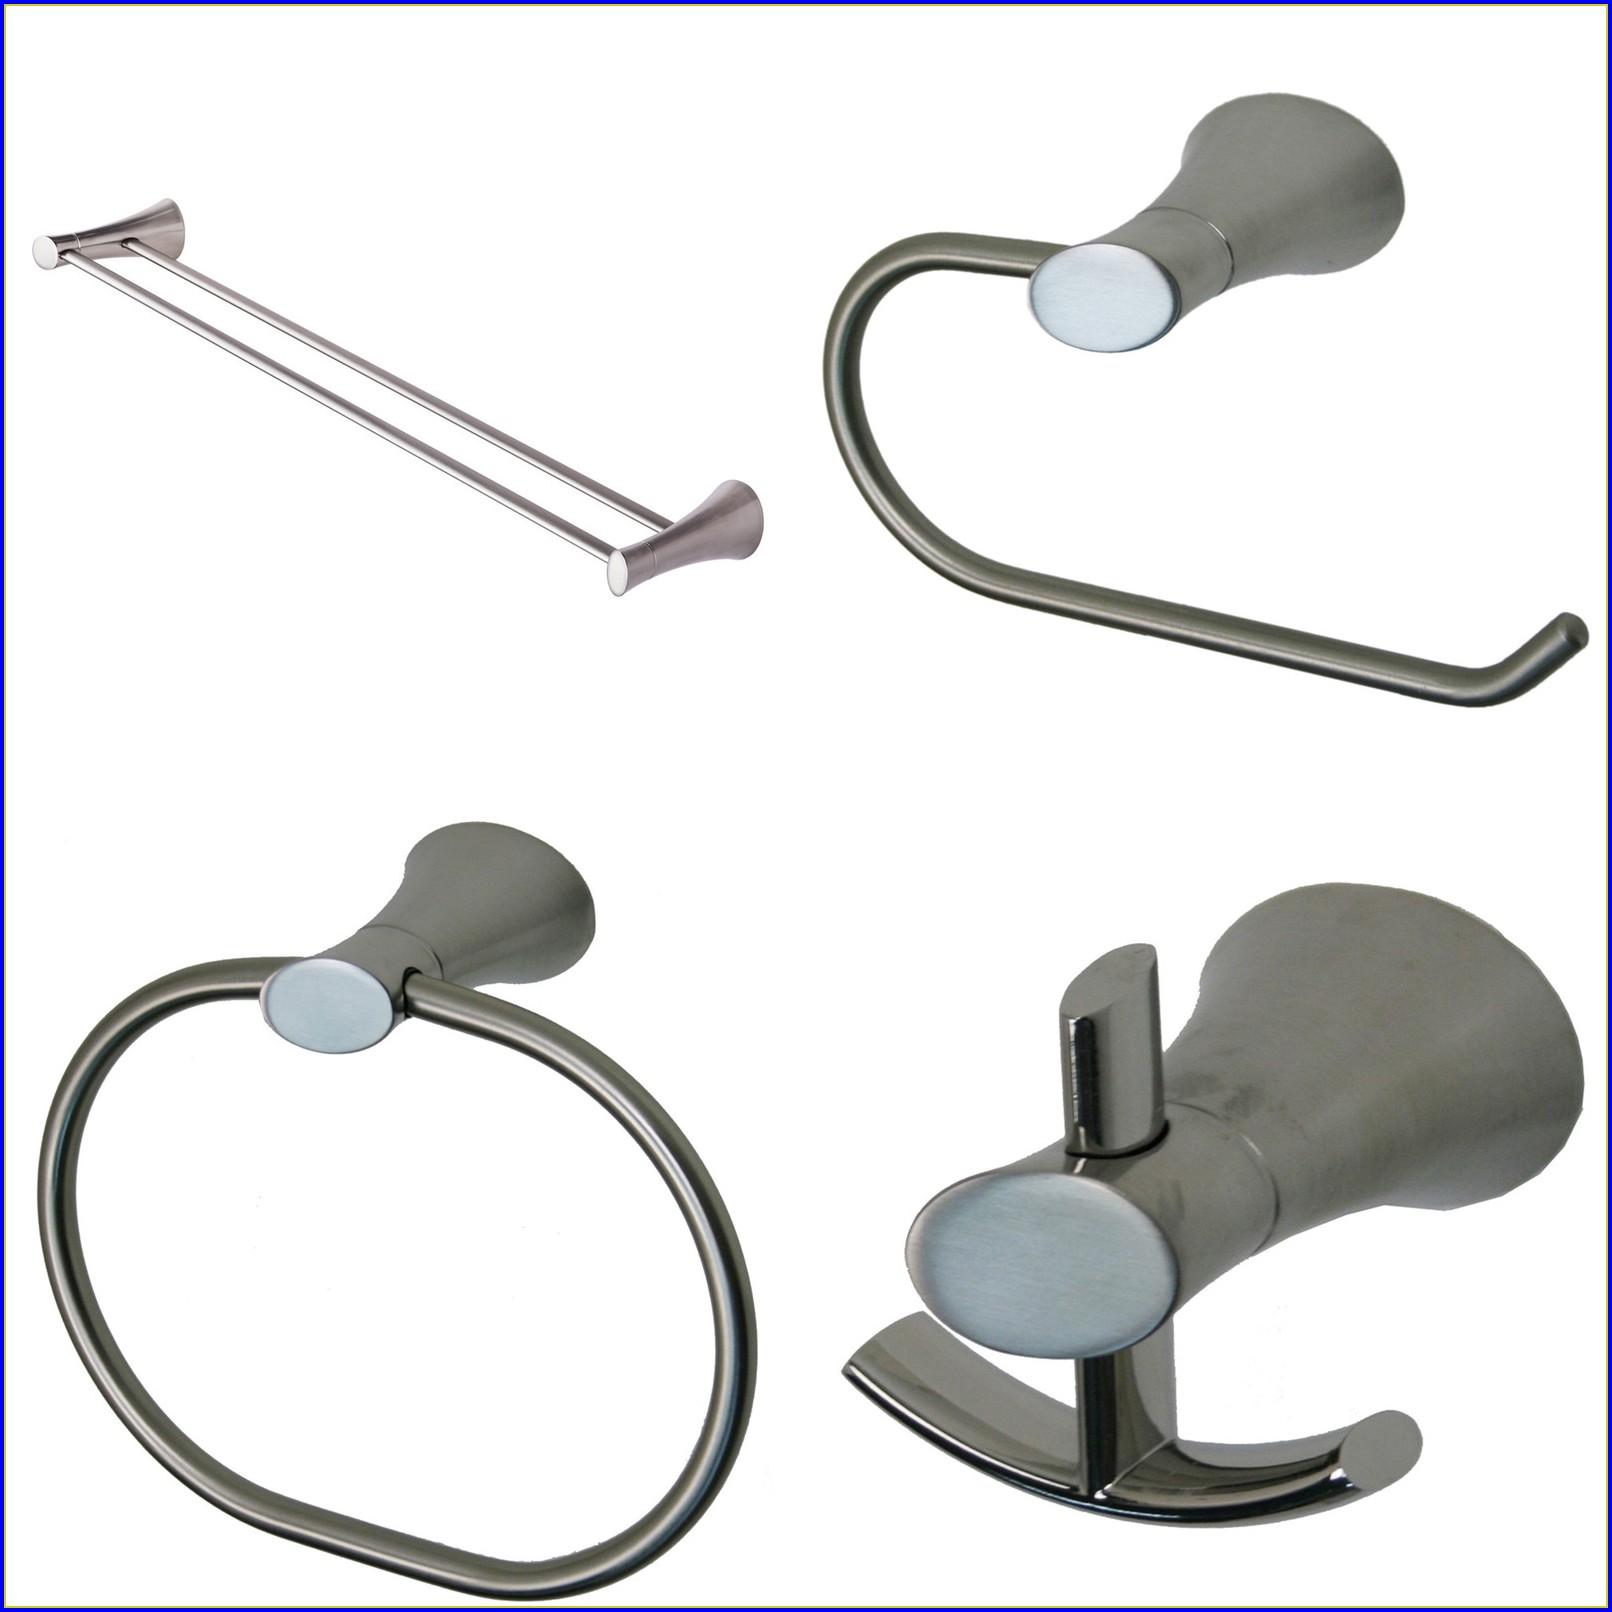 Brushed Nickel Bathroom Accessories Wastebasket